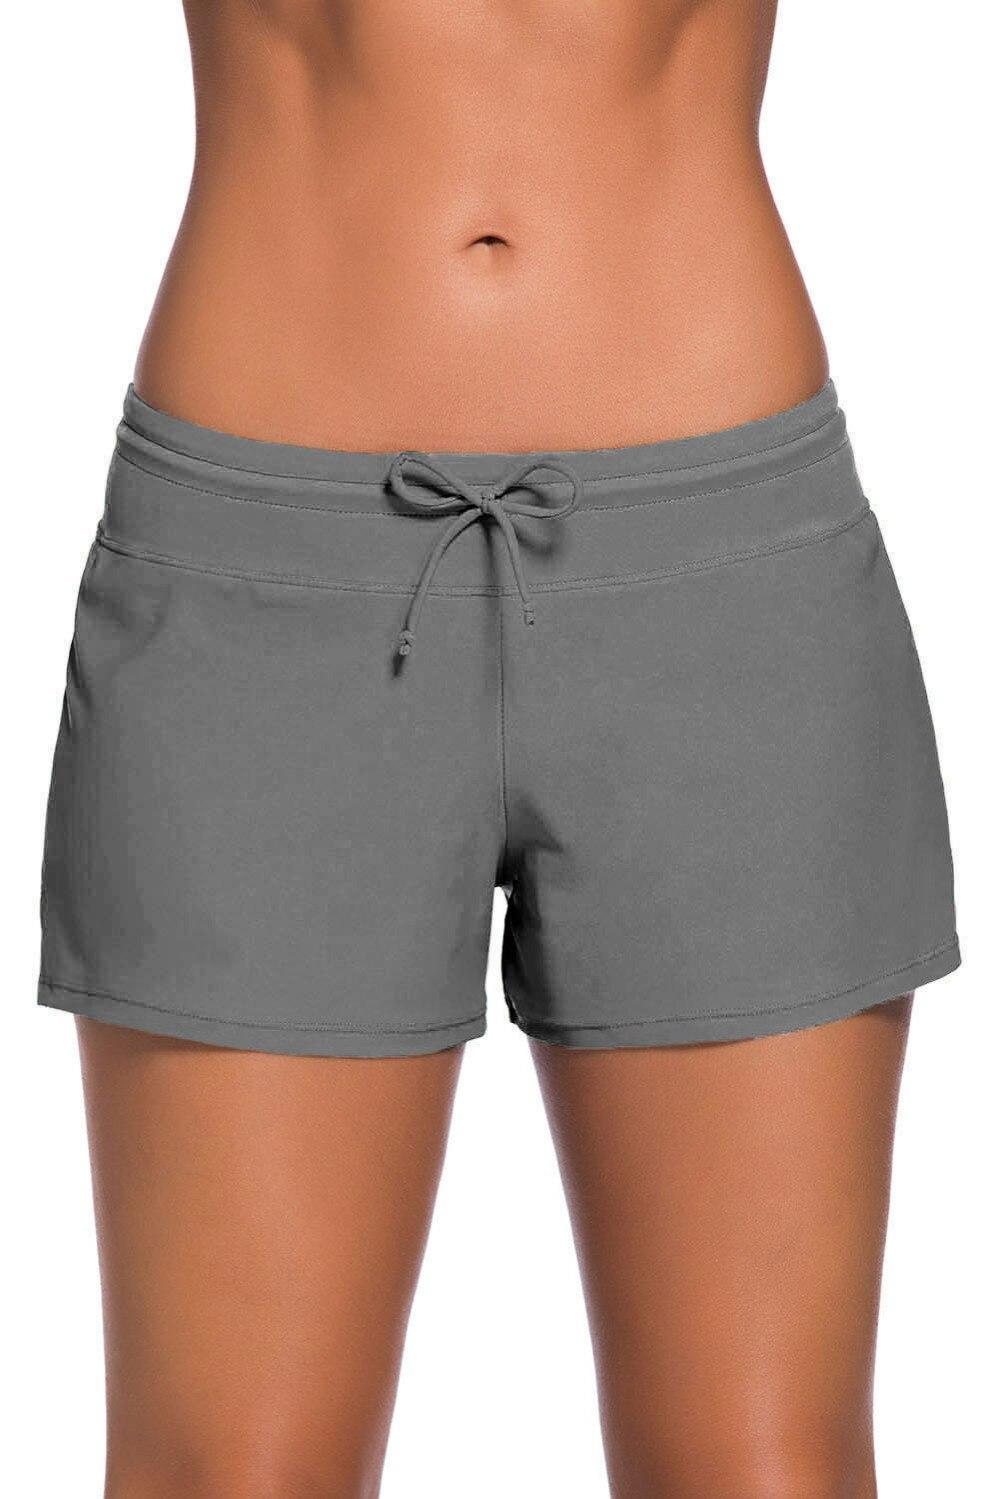 Boardshorts Mulheres-Sexy Bikini Bottoms Maiô Shorts Da Praia do Verão Calças Esportivas Respirável Roupa Interior Das Mulheres Cuecas Boxer